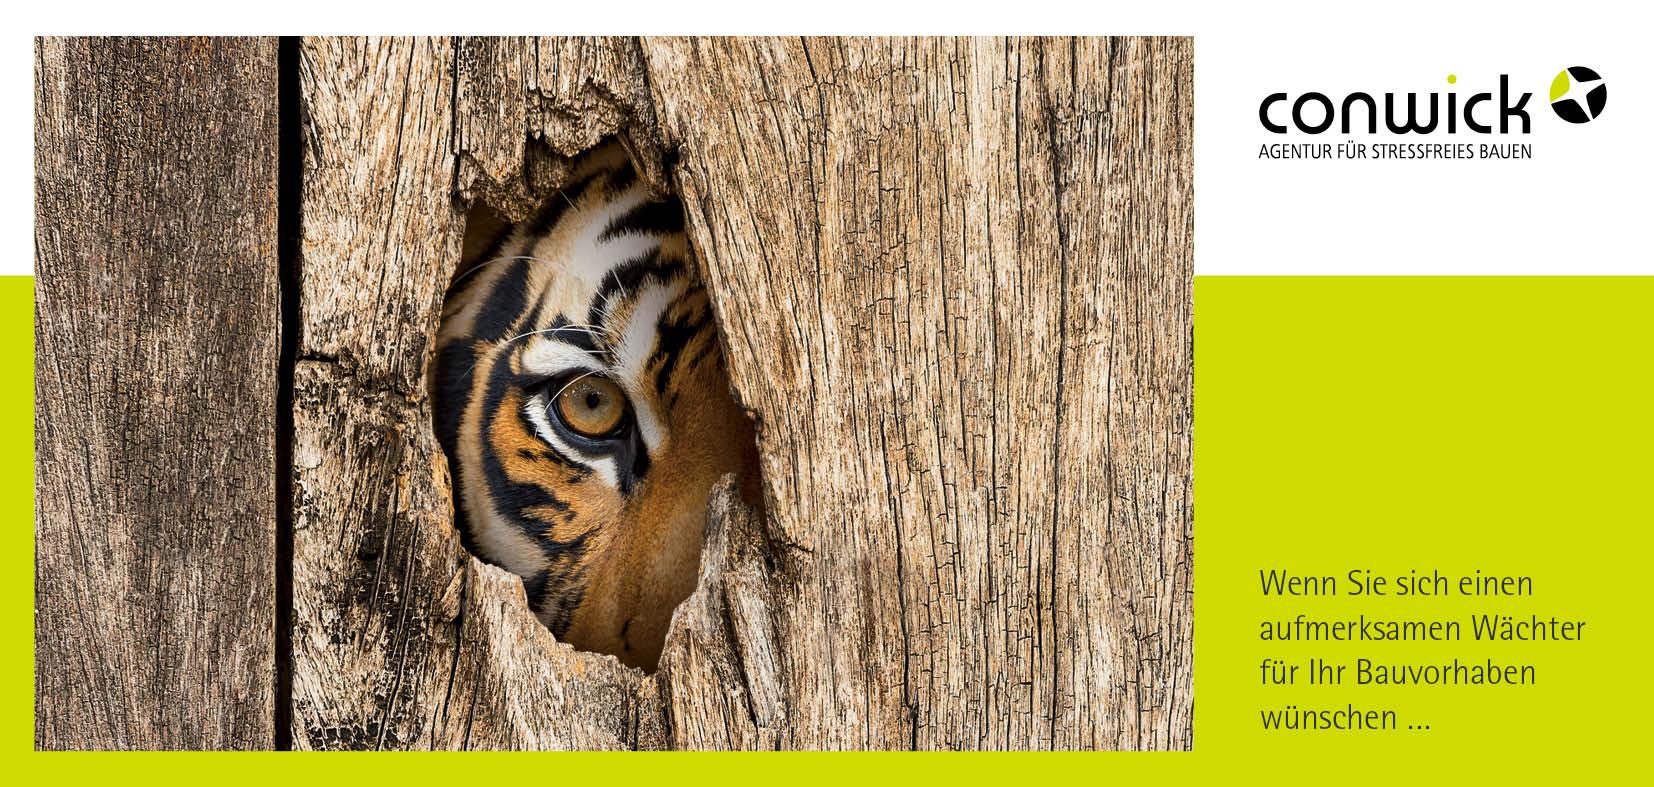 Ein Tiger lugt durch ein Loch in einer Holzwand